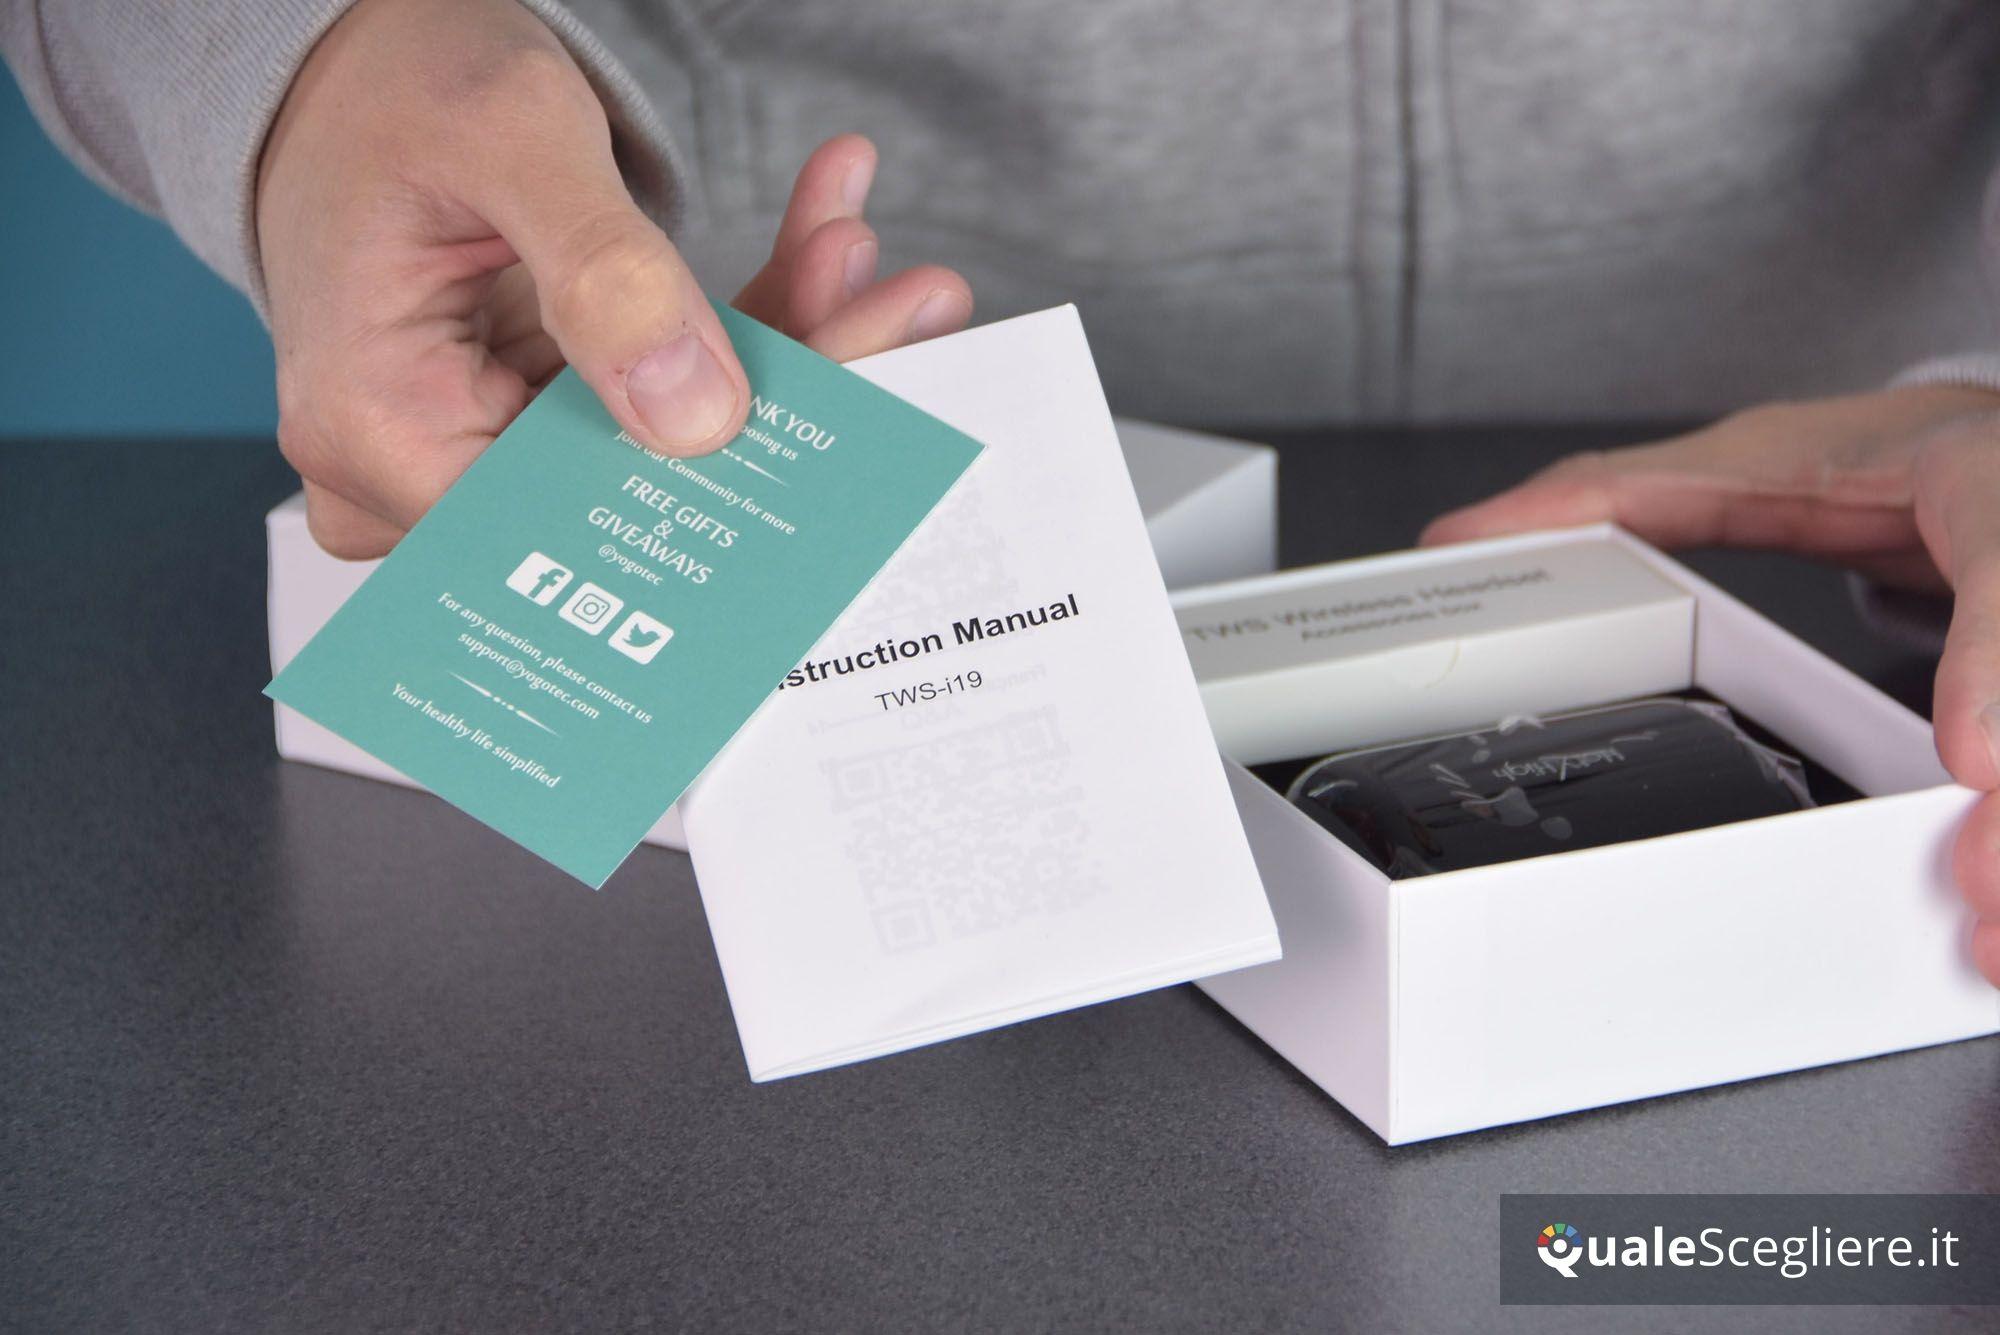 Siti di incontri gratuiti senza carta di credito necessaria